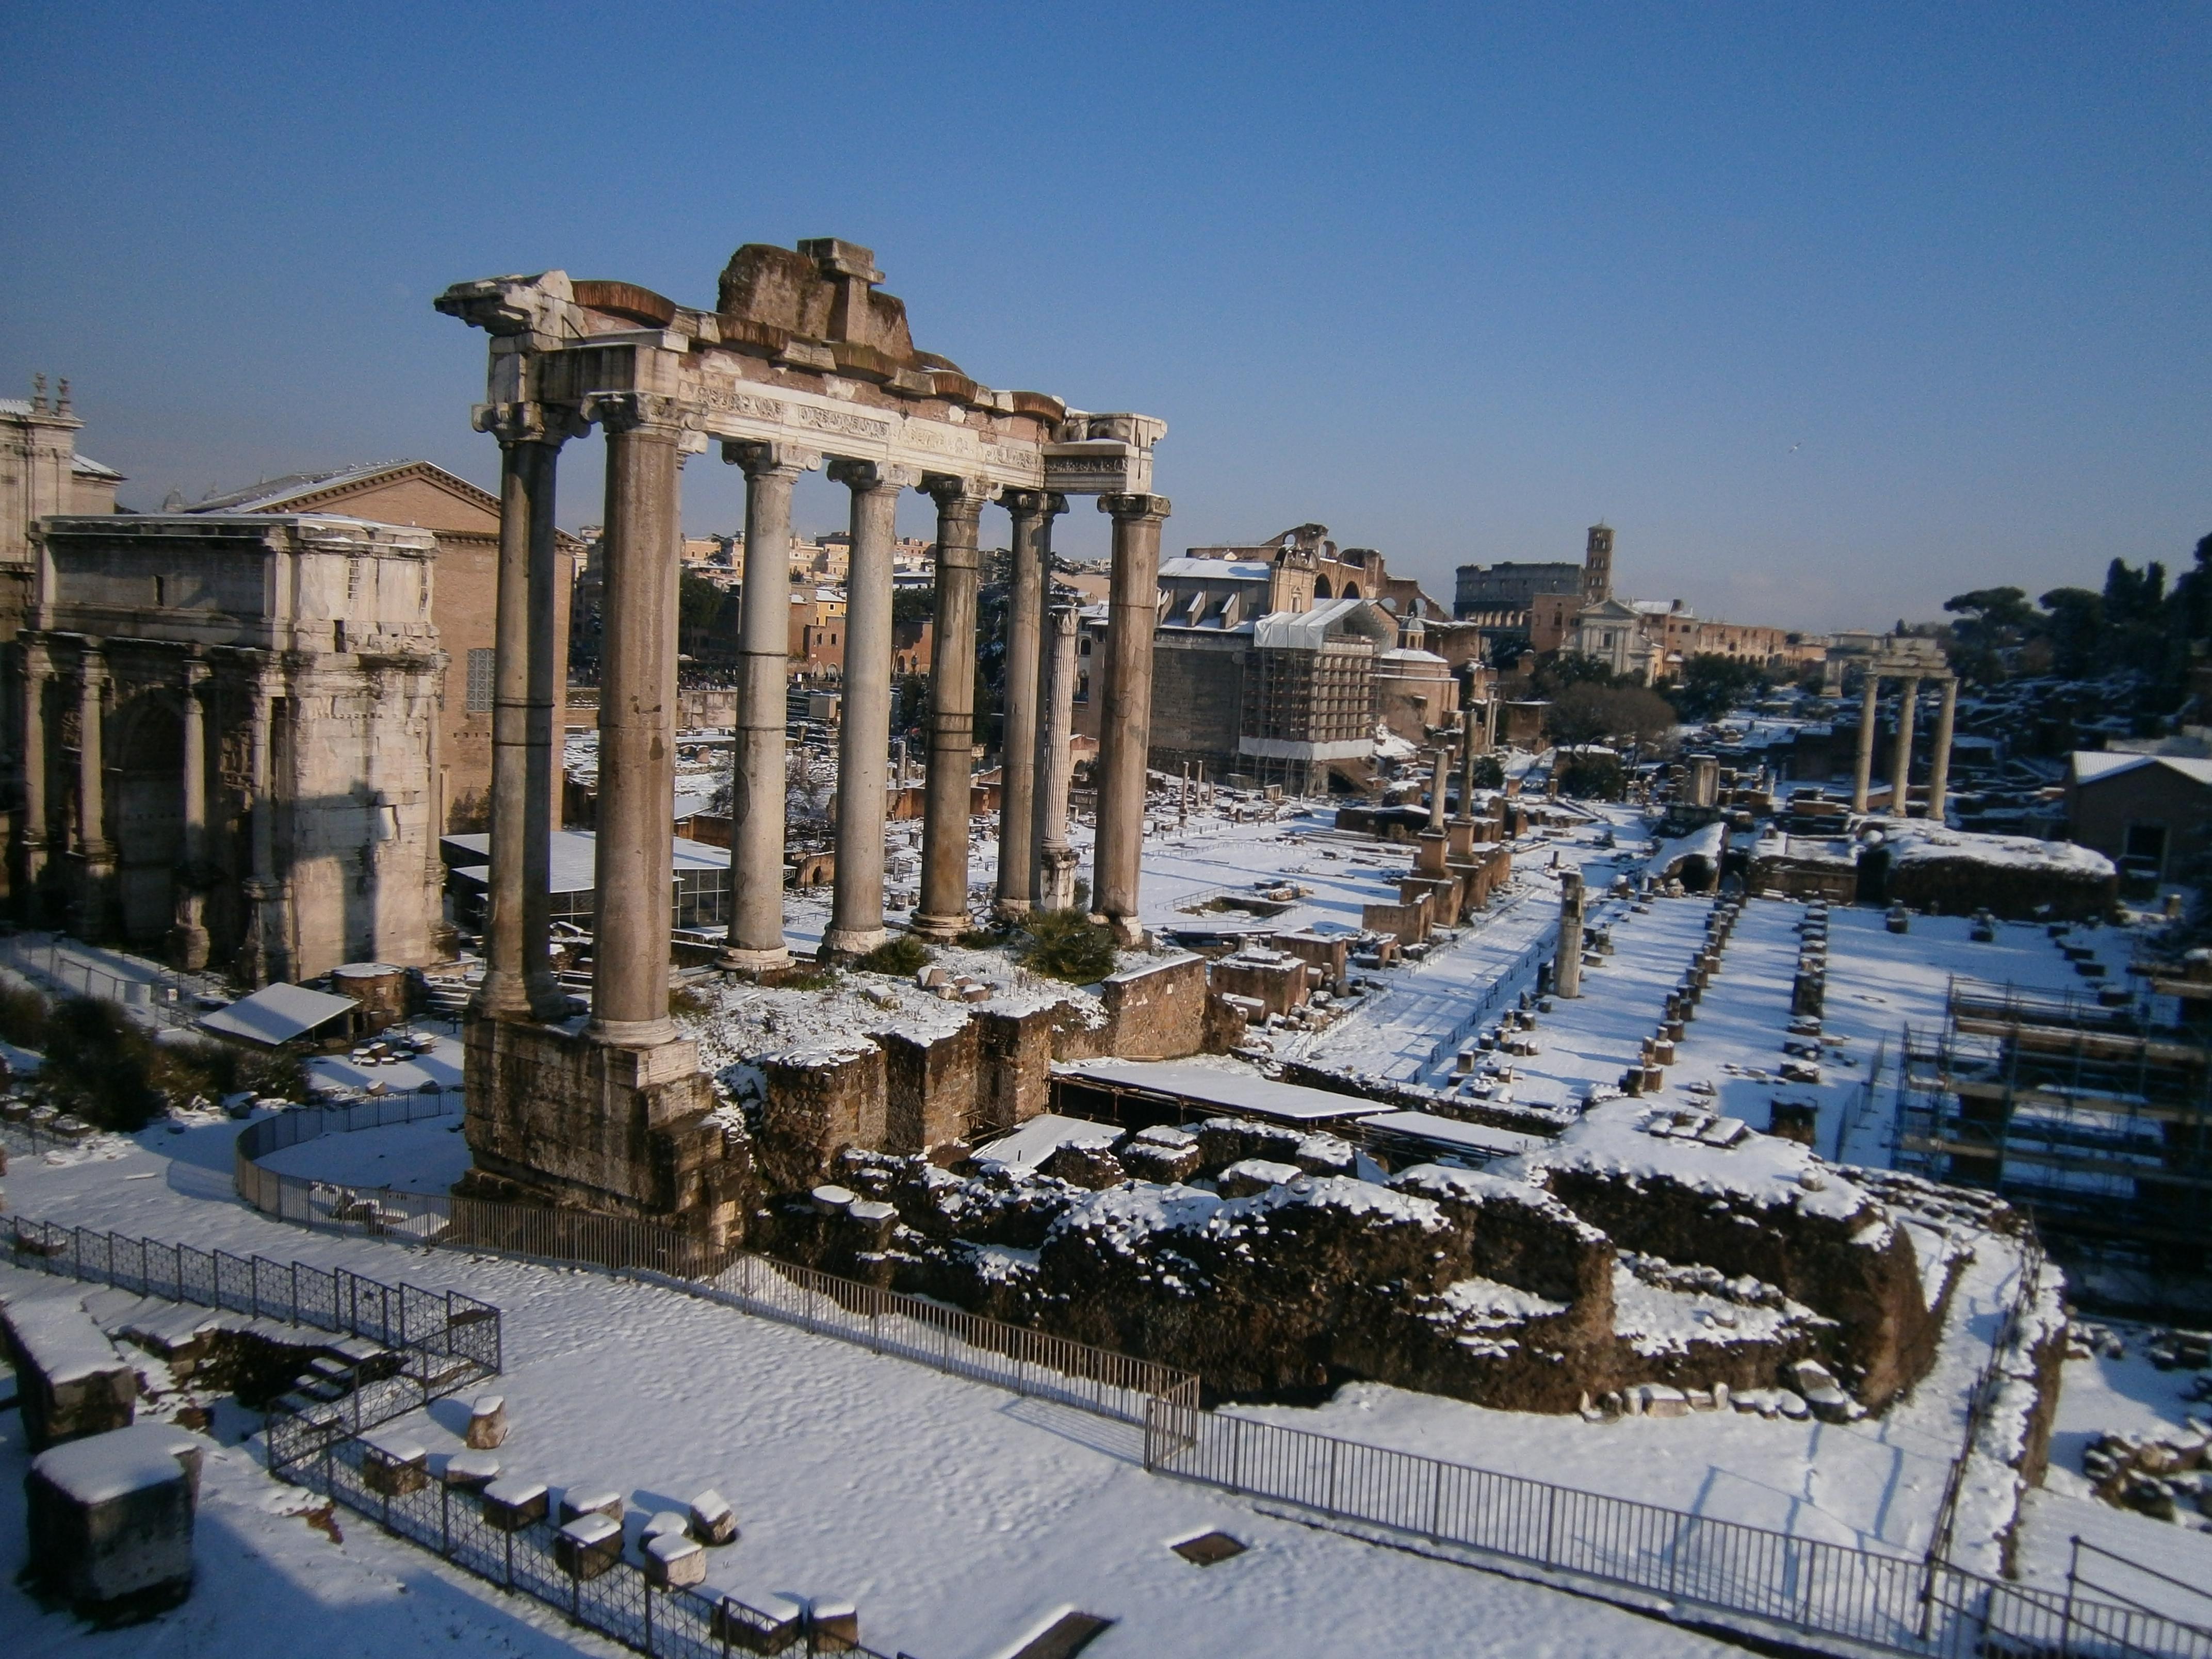 forum romanum i snö